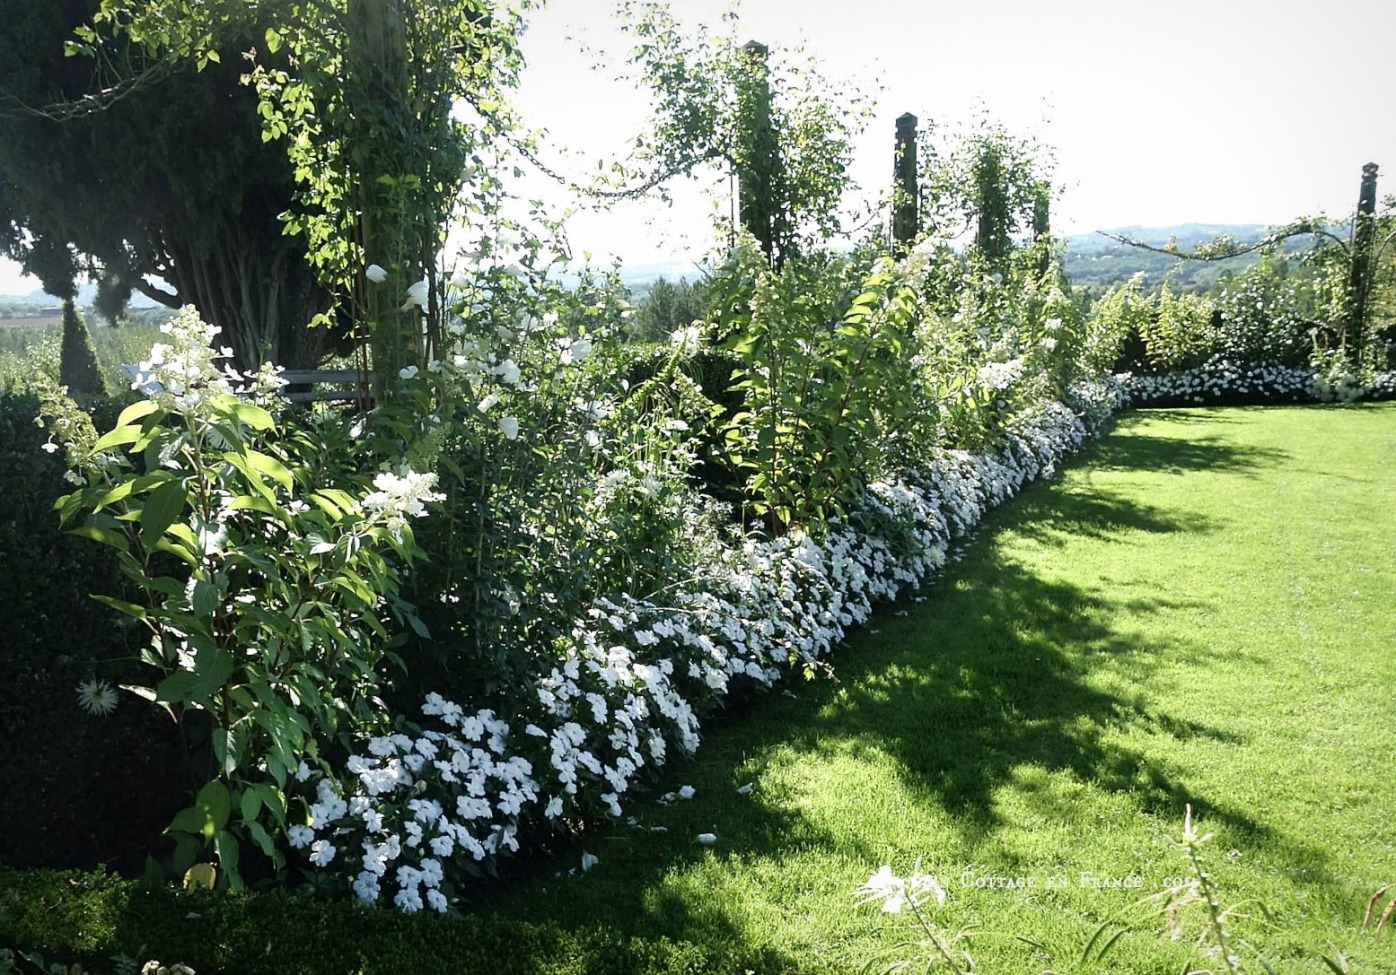 Jardins de buis, topiaires, jardin romantique, french topiaries